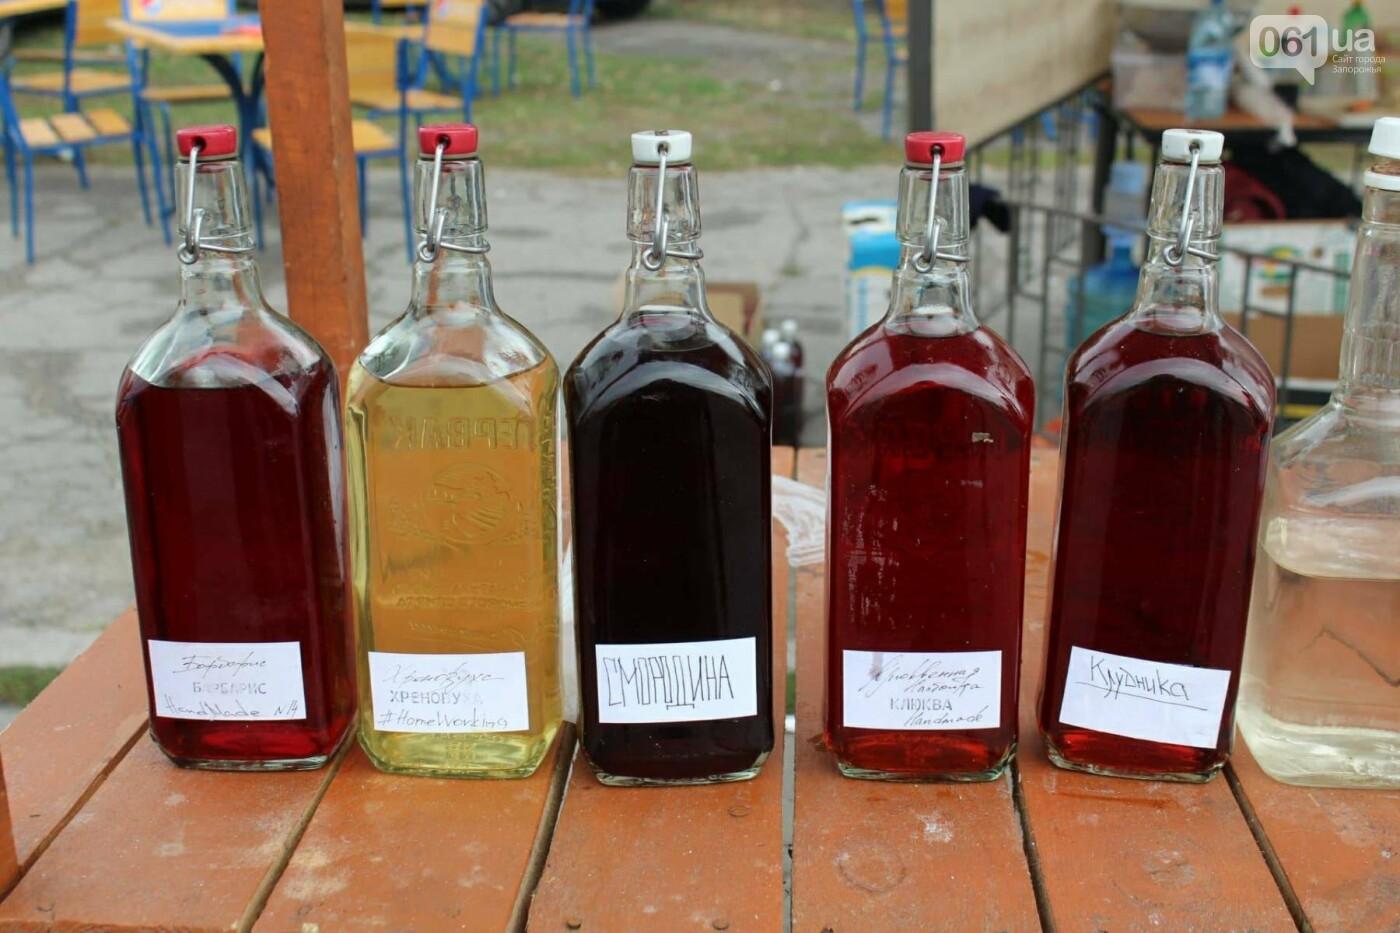 На Покровской ярмарке, несмотря на запрет, с самого утра продают алкоголь, - ФОТО, фото-6